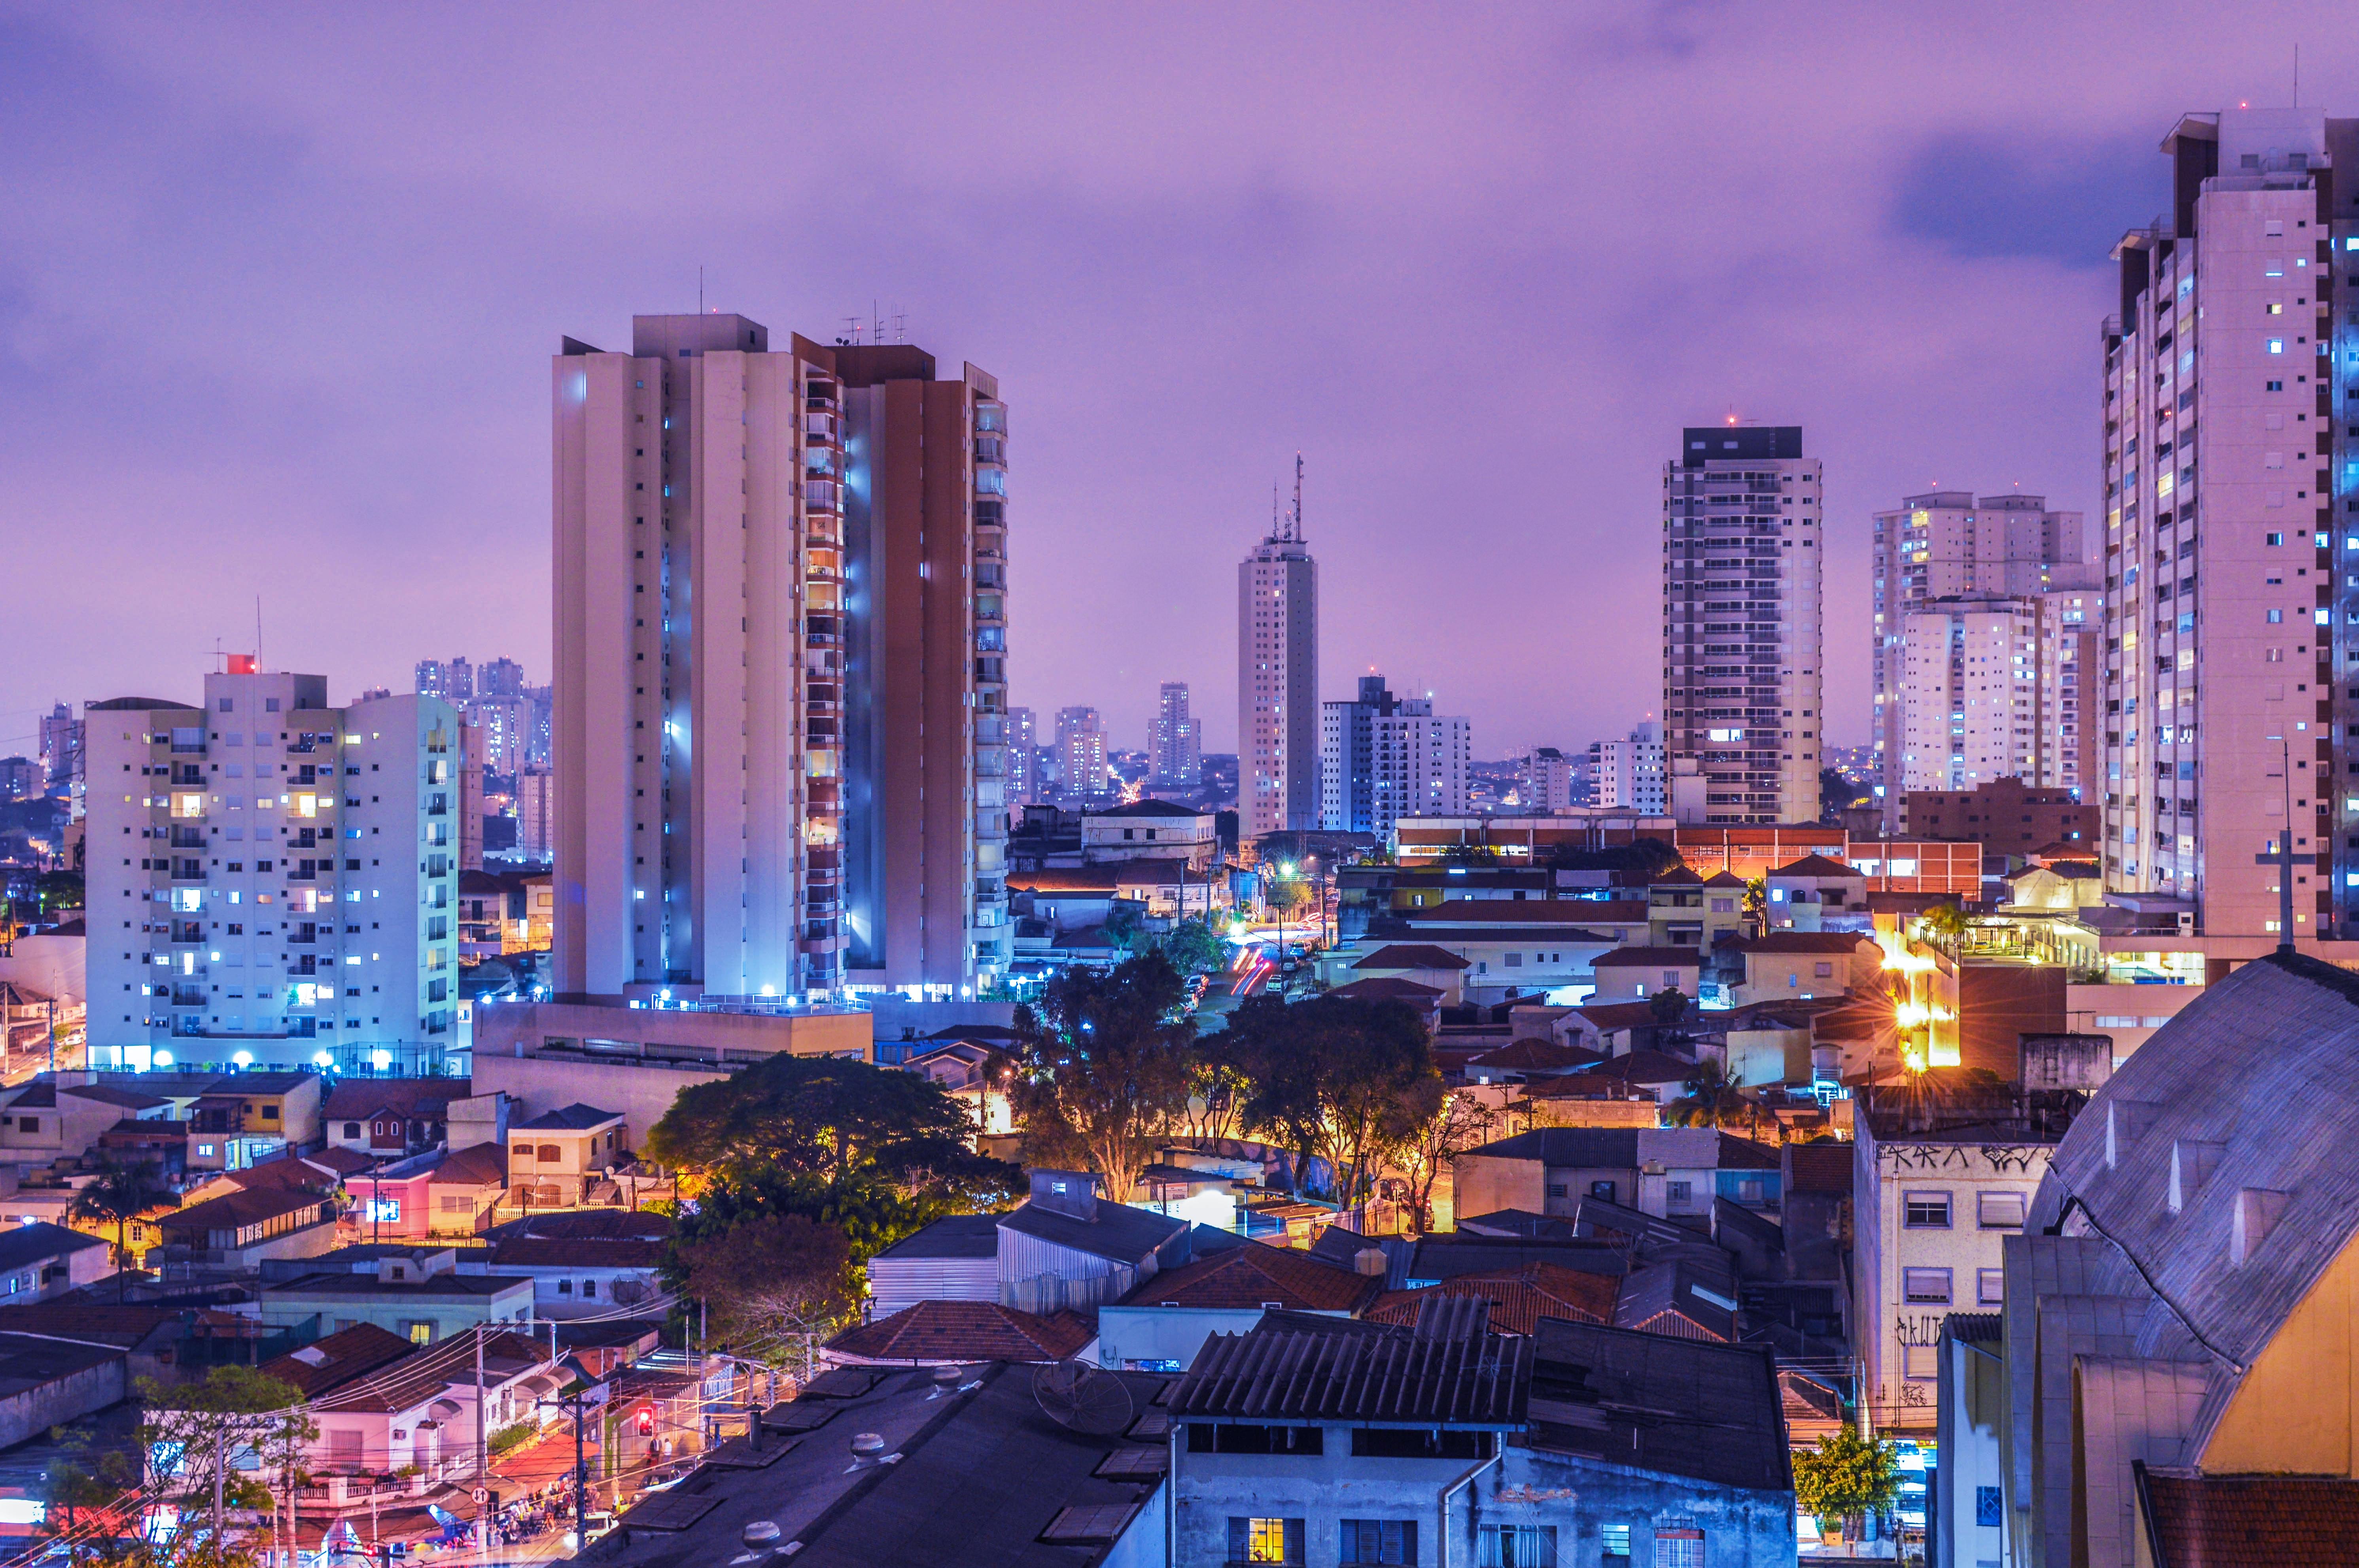 Notícias - Instrução Normativa nº 35/2021 confirma as normas complementares do programa Pró-Cidades